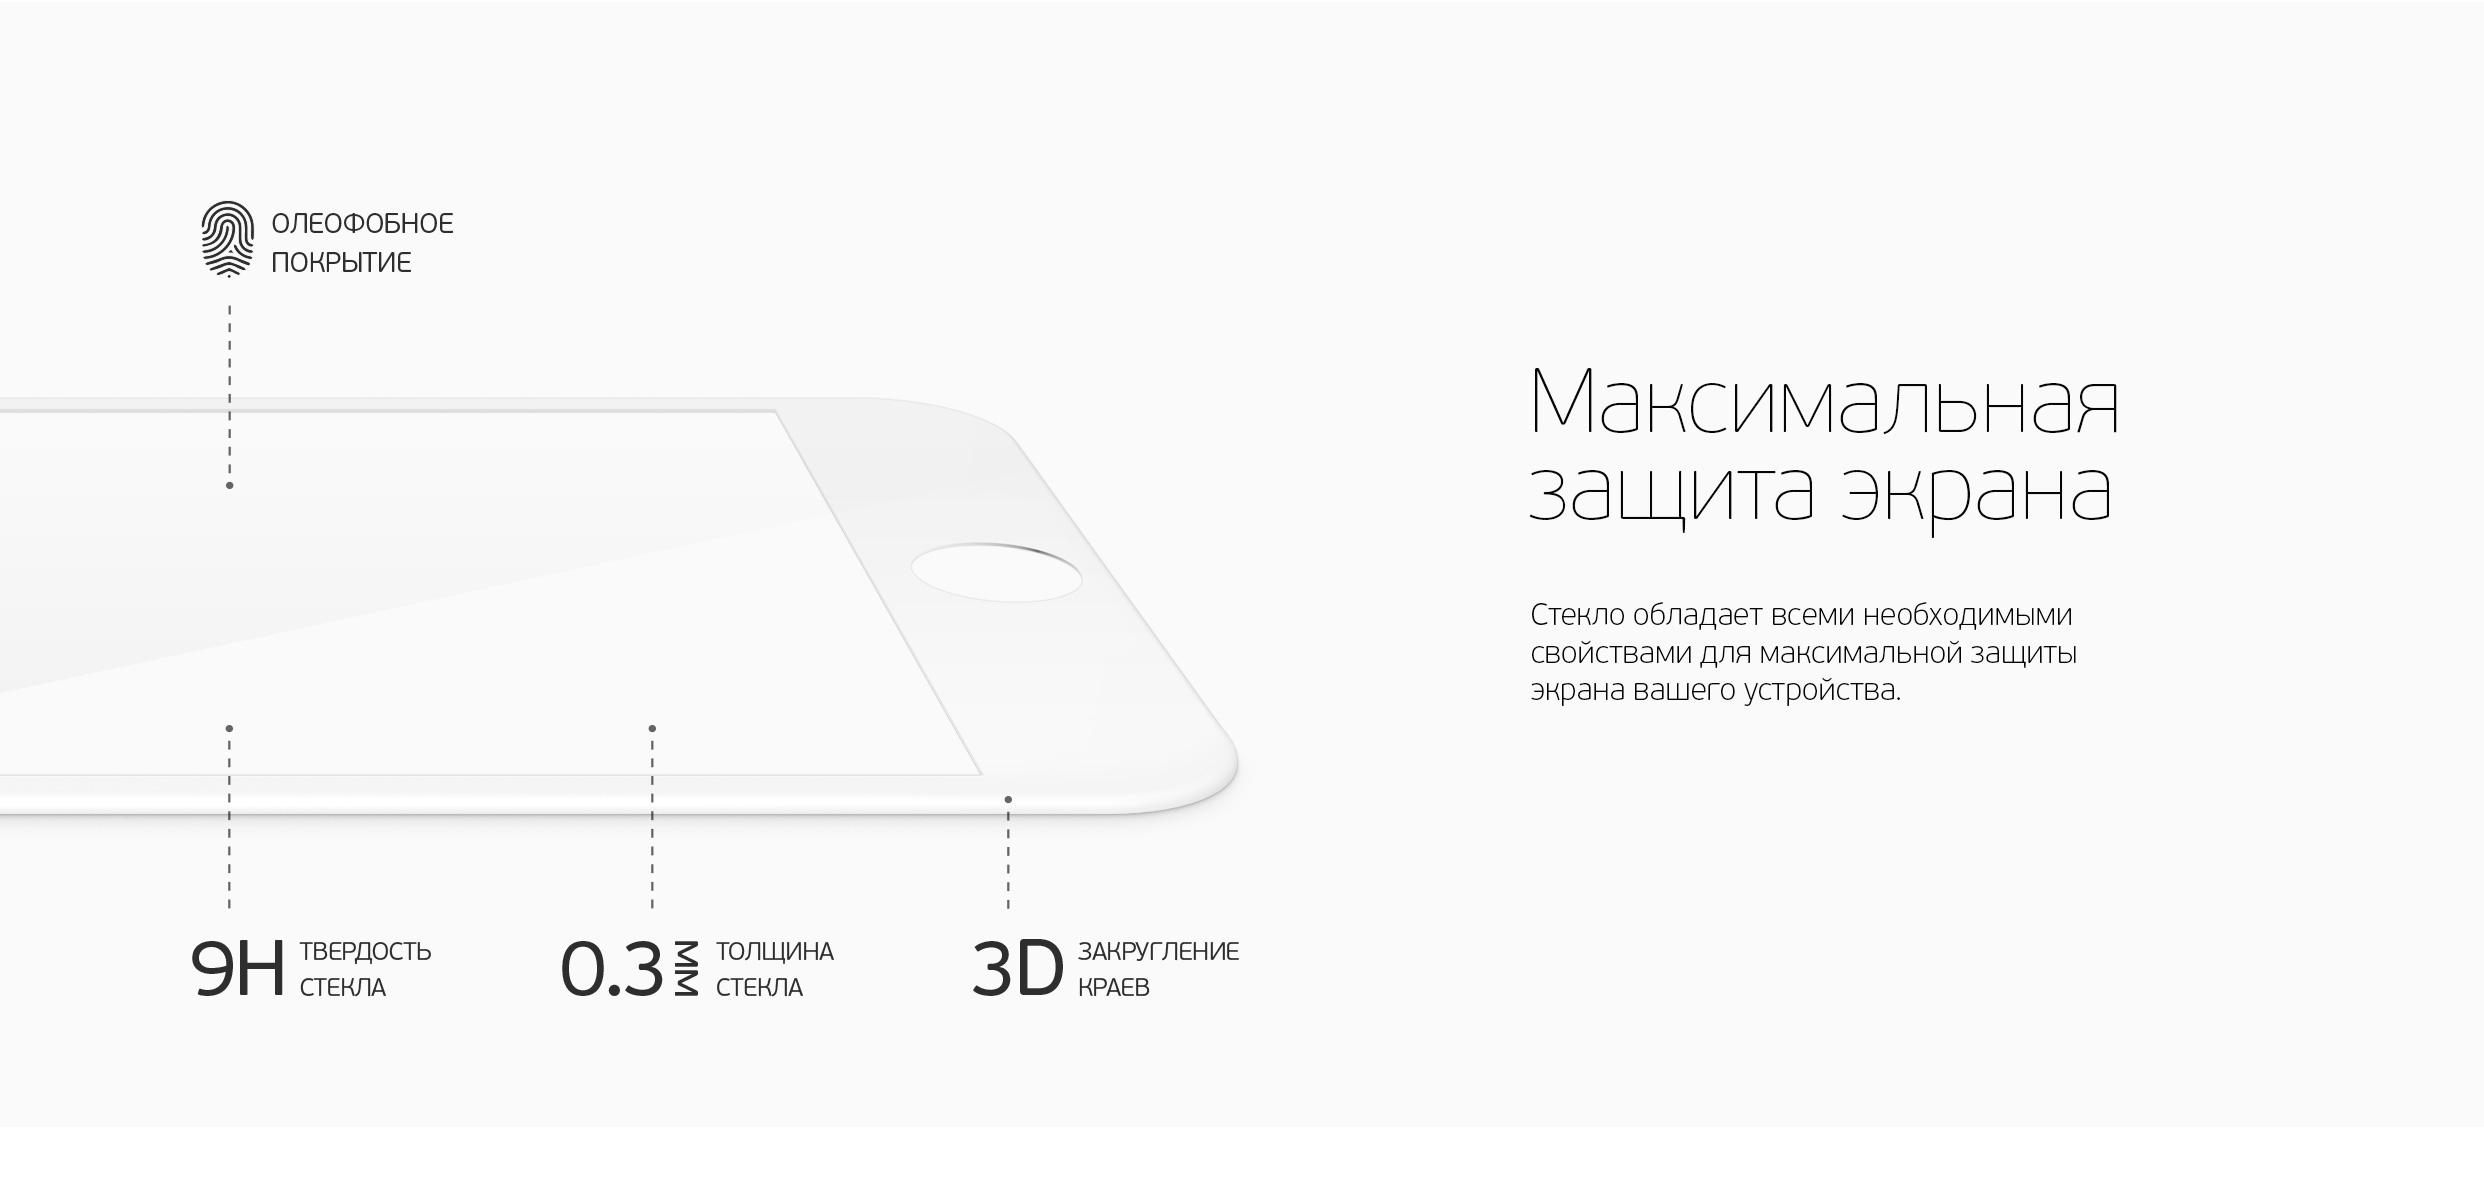 3D-Glass-iPhone6-final-RUS_02.jpg